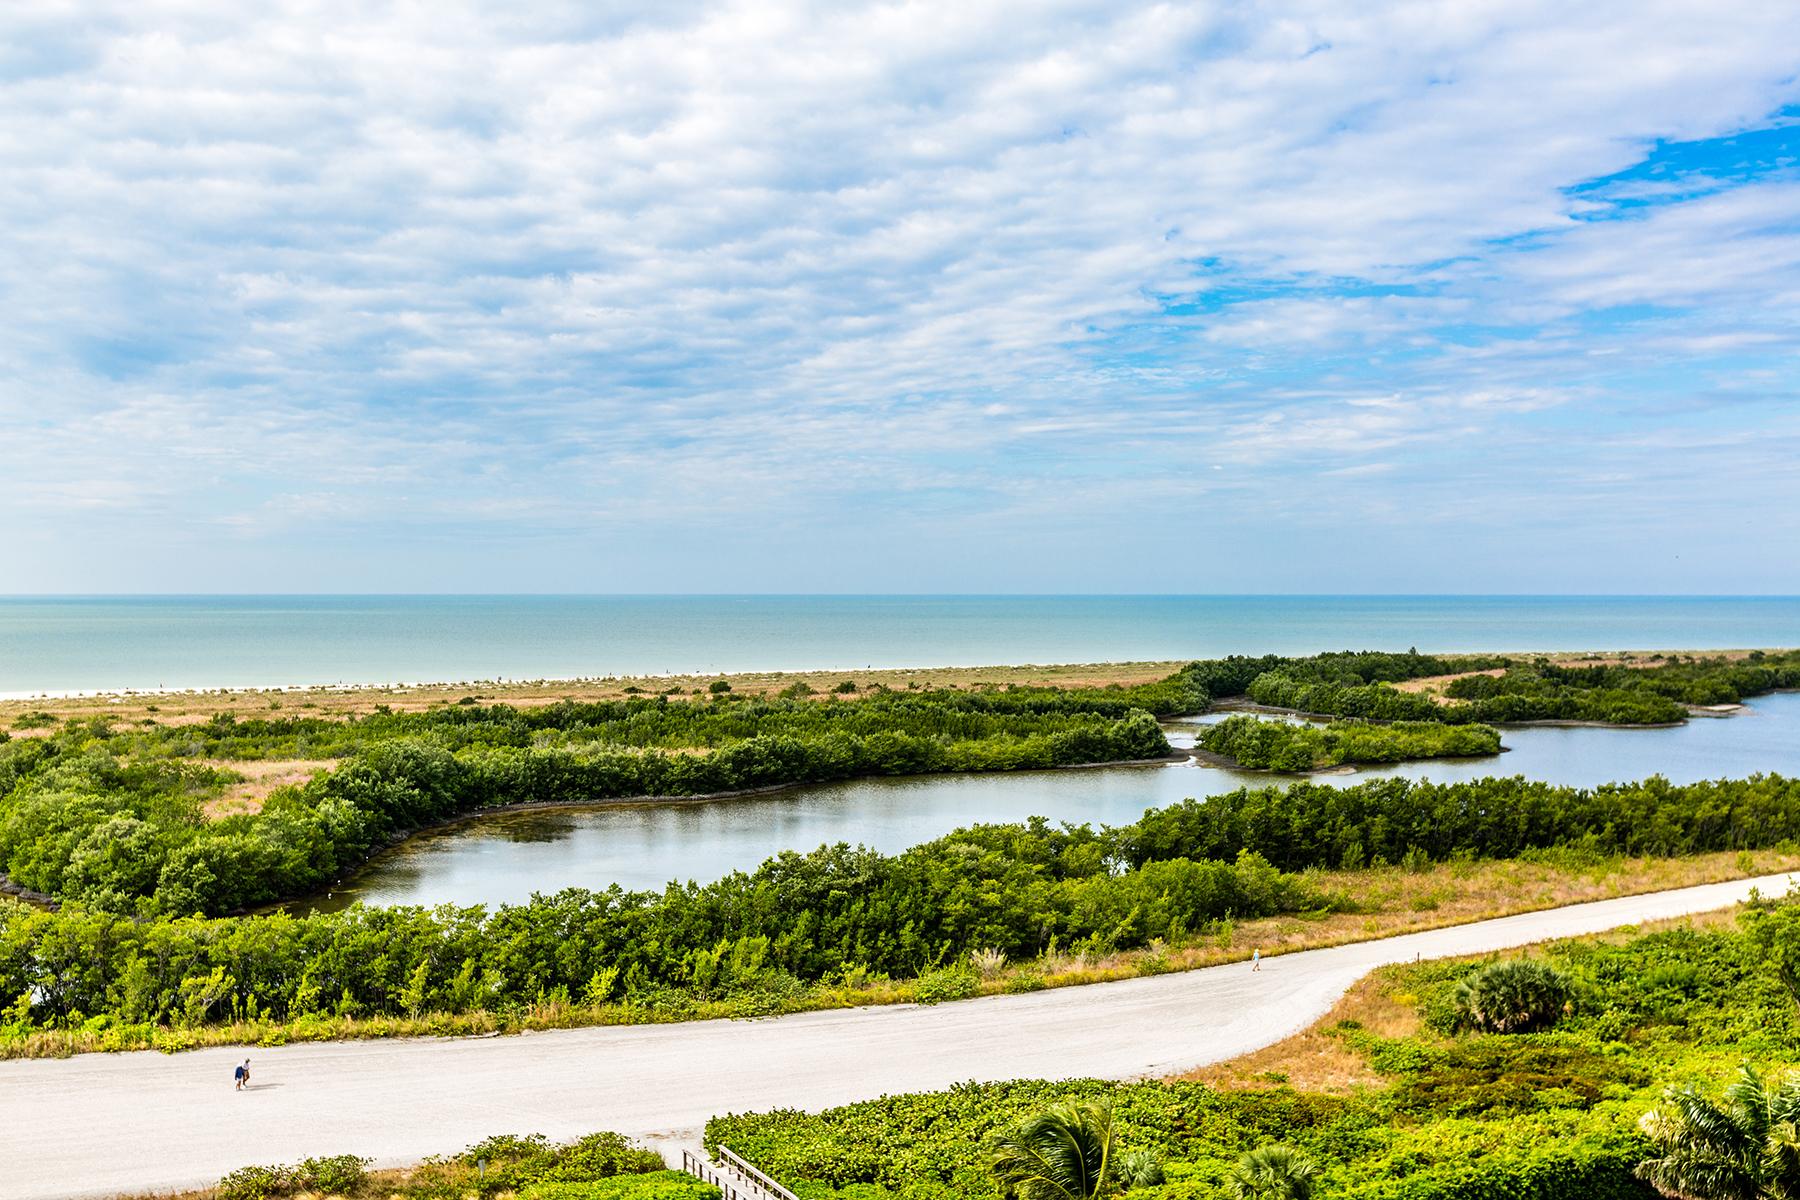 共管式独立产权公寓 为 销售 在 MARCO ISLAND - SOUTH SEAS 380 Seaview Ct 1003 马可岛, 佛罗里达州, 34145 美国